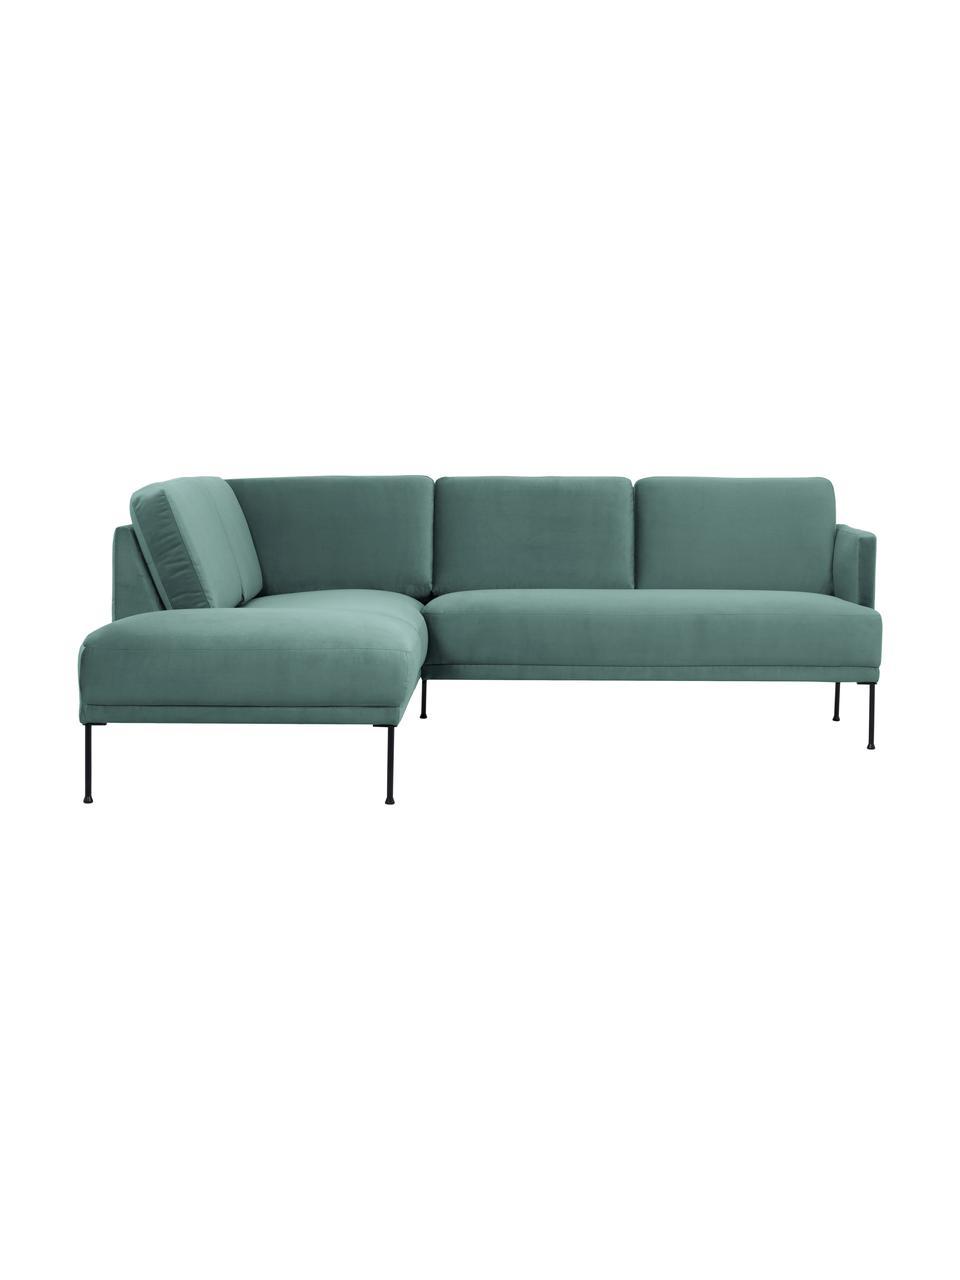 Canapé d'angle velours vert clair pieds en métal Fluente, Velours vert clair